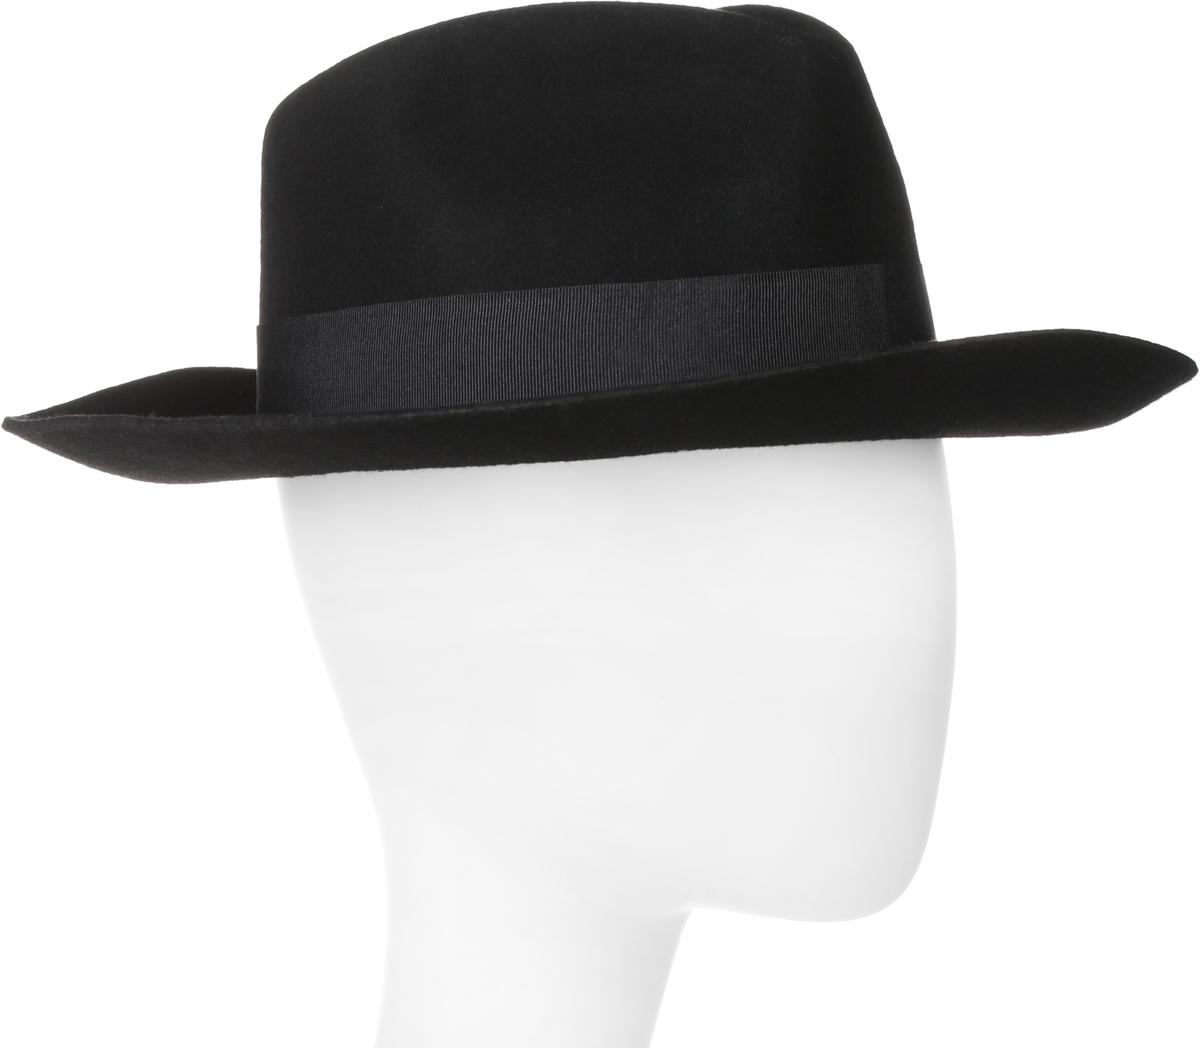 600-9317Элегантная шляпа Goorin Brothers, выполненная из высококачественного тонкого фетра, дополнит любой образ. Модель с А-образной тульей с продольным заломом и со слегка загнутыми вверх полями. Внутри модель дополнена плотной тесьмой для комфортной посадки изделия по голове. Шляпа-федора по тулье оформлена репсовой лентой с лаконичным бантом и дополнена металлическим элементом в виде логотипа бренда. Такая шляпа подчеркнет вашу неповторимость и прекрасный вкус.